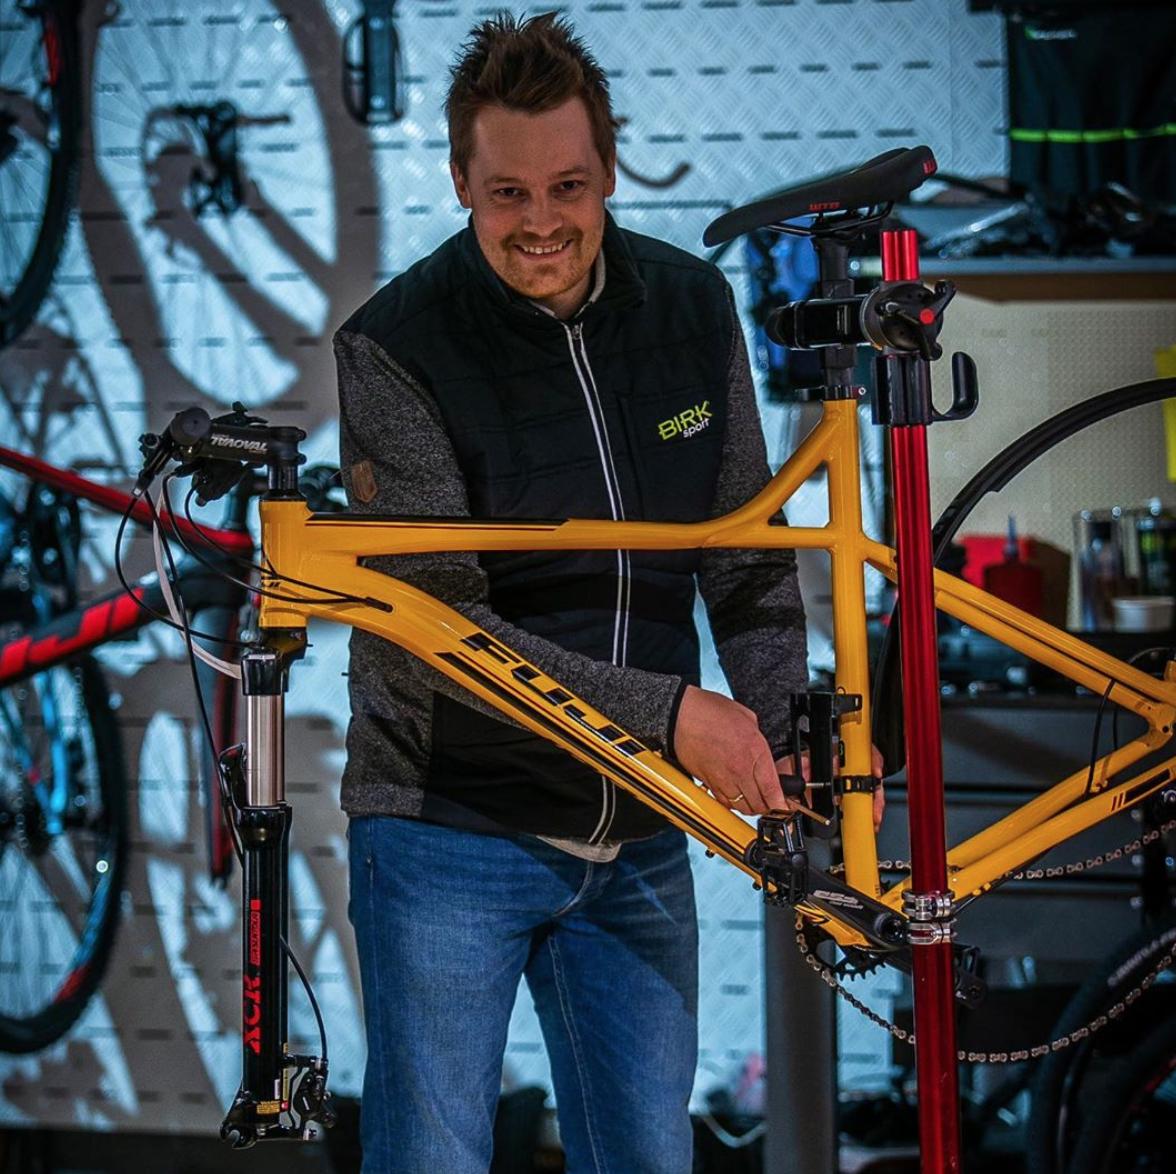 Fagbutikk på sykkel - Få bedre ekspertise i din lokale butikk